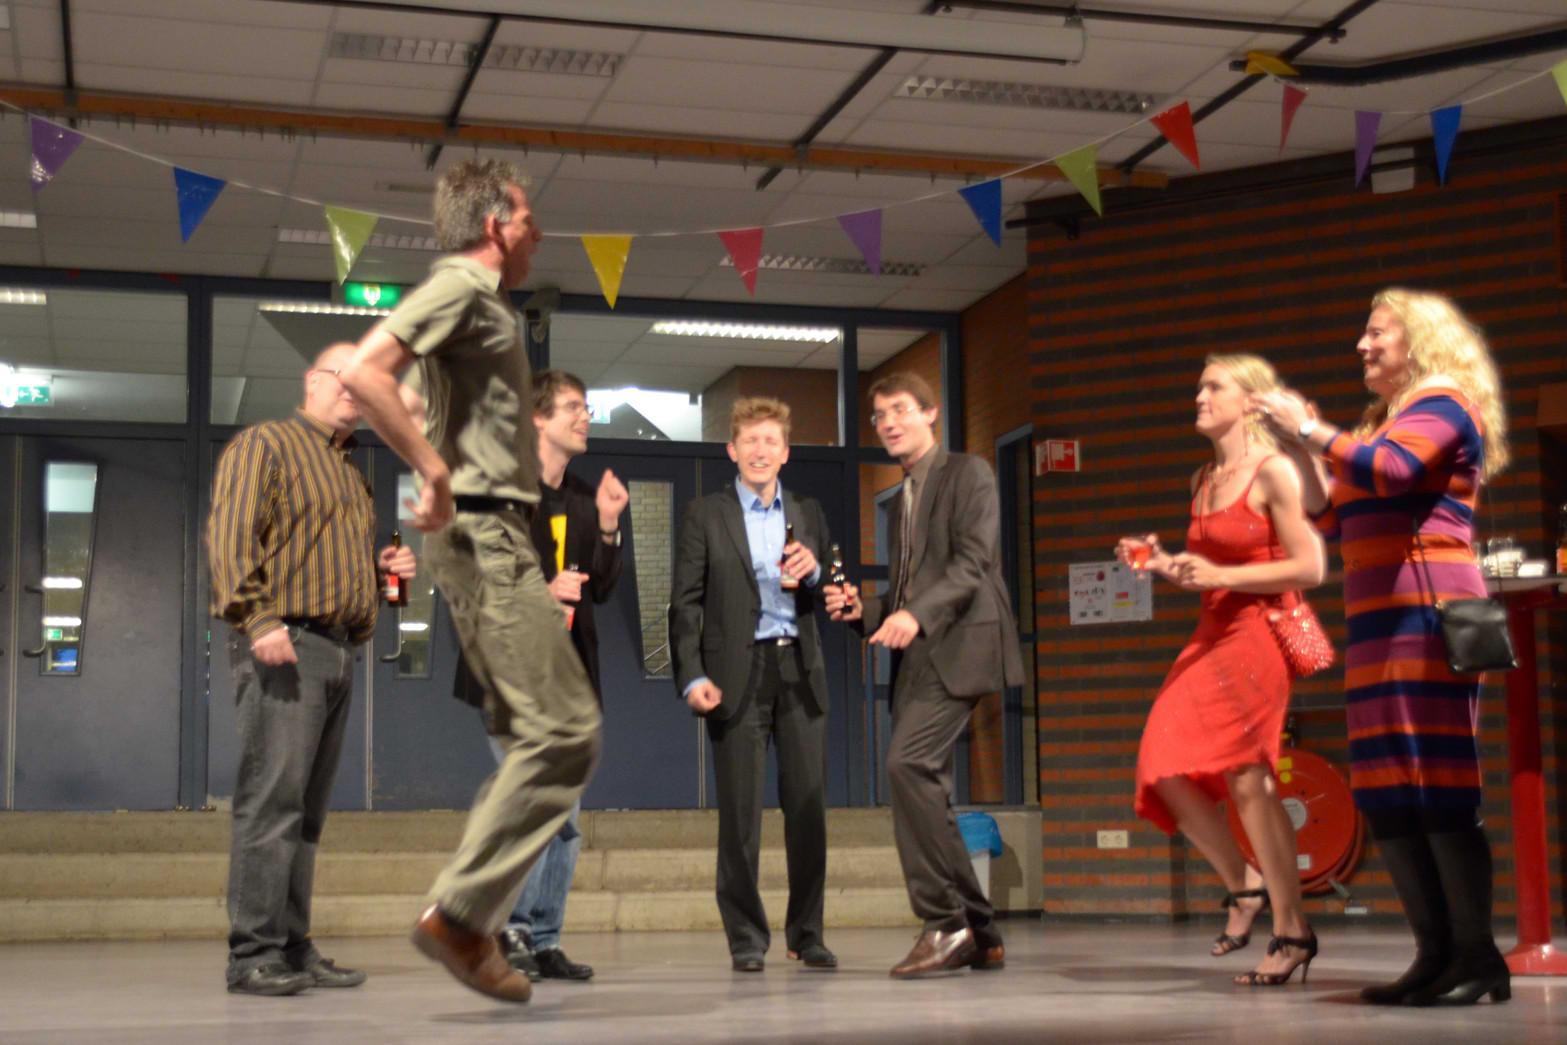 zeevuh_wiedannit_voorstelling-2012-06-1522-01-20